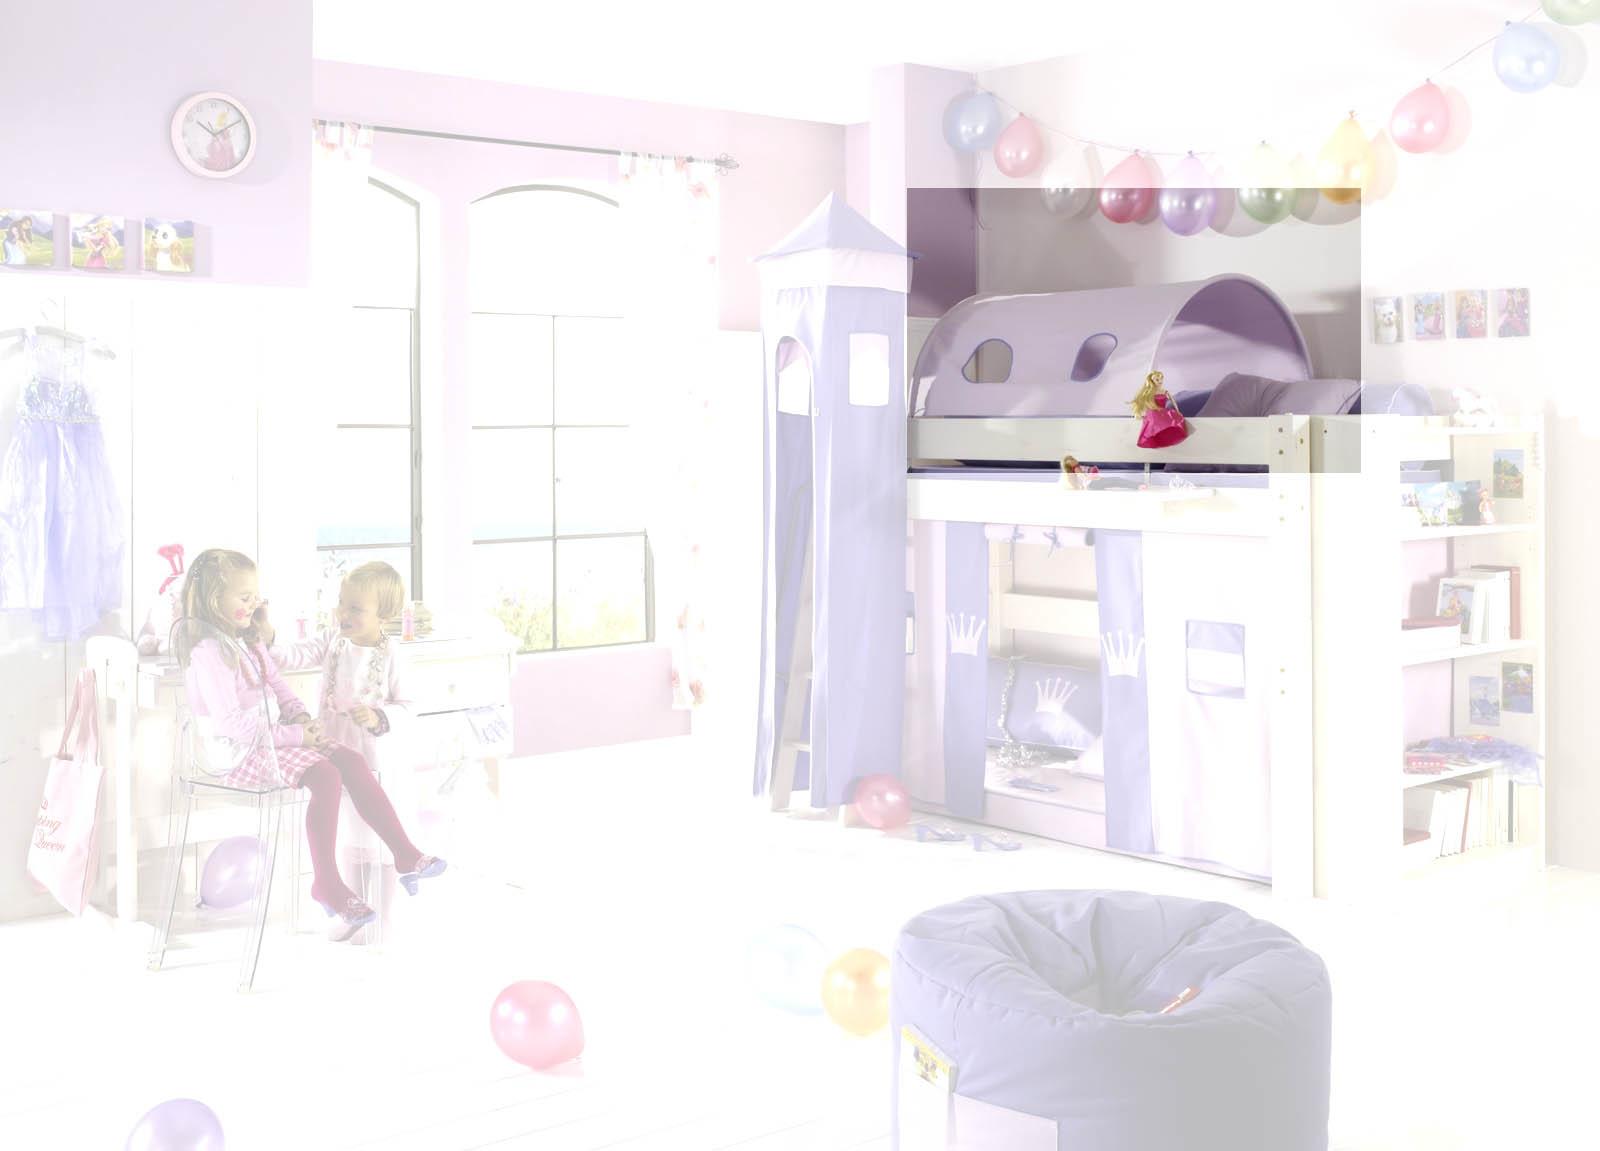 Dolphin Kinderzimmer Halbhochbett Lavendeltraum, Bild 4